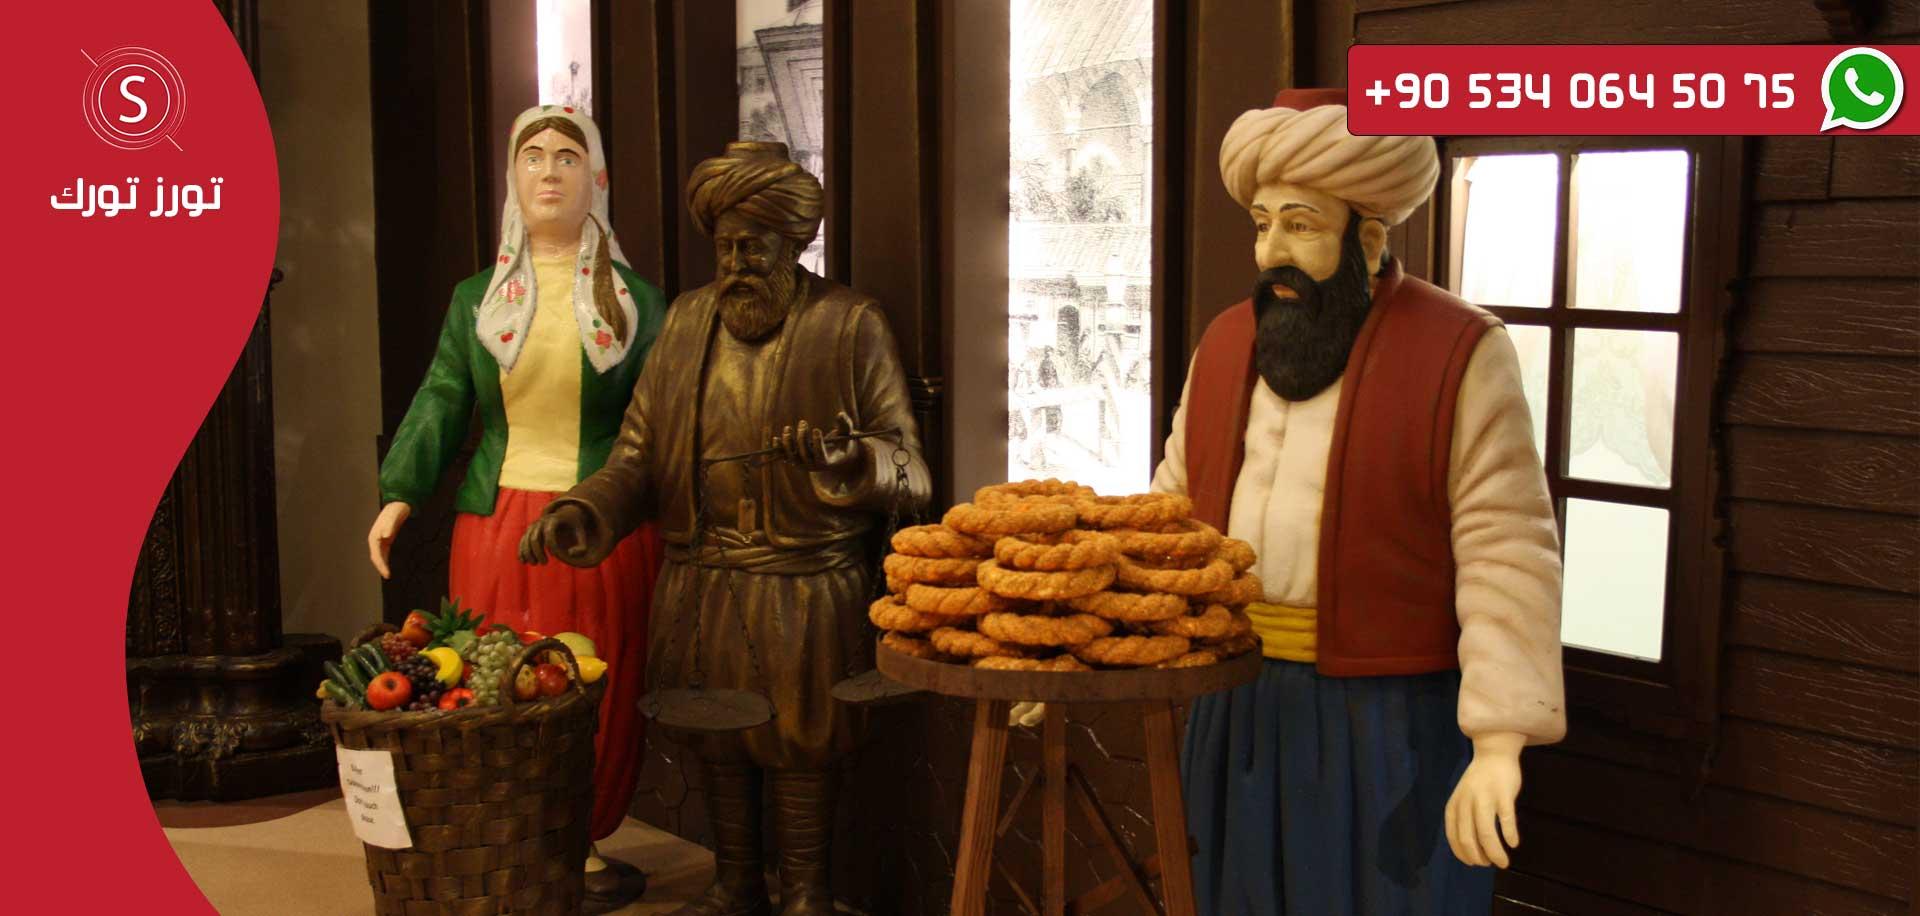 متحف الشوكولا جولات في اسطنبول